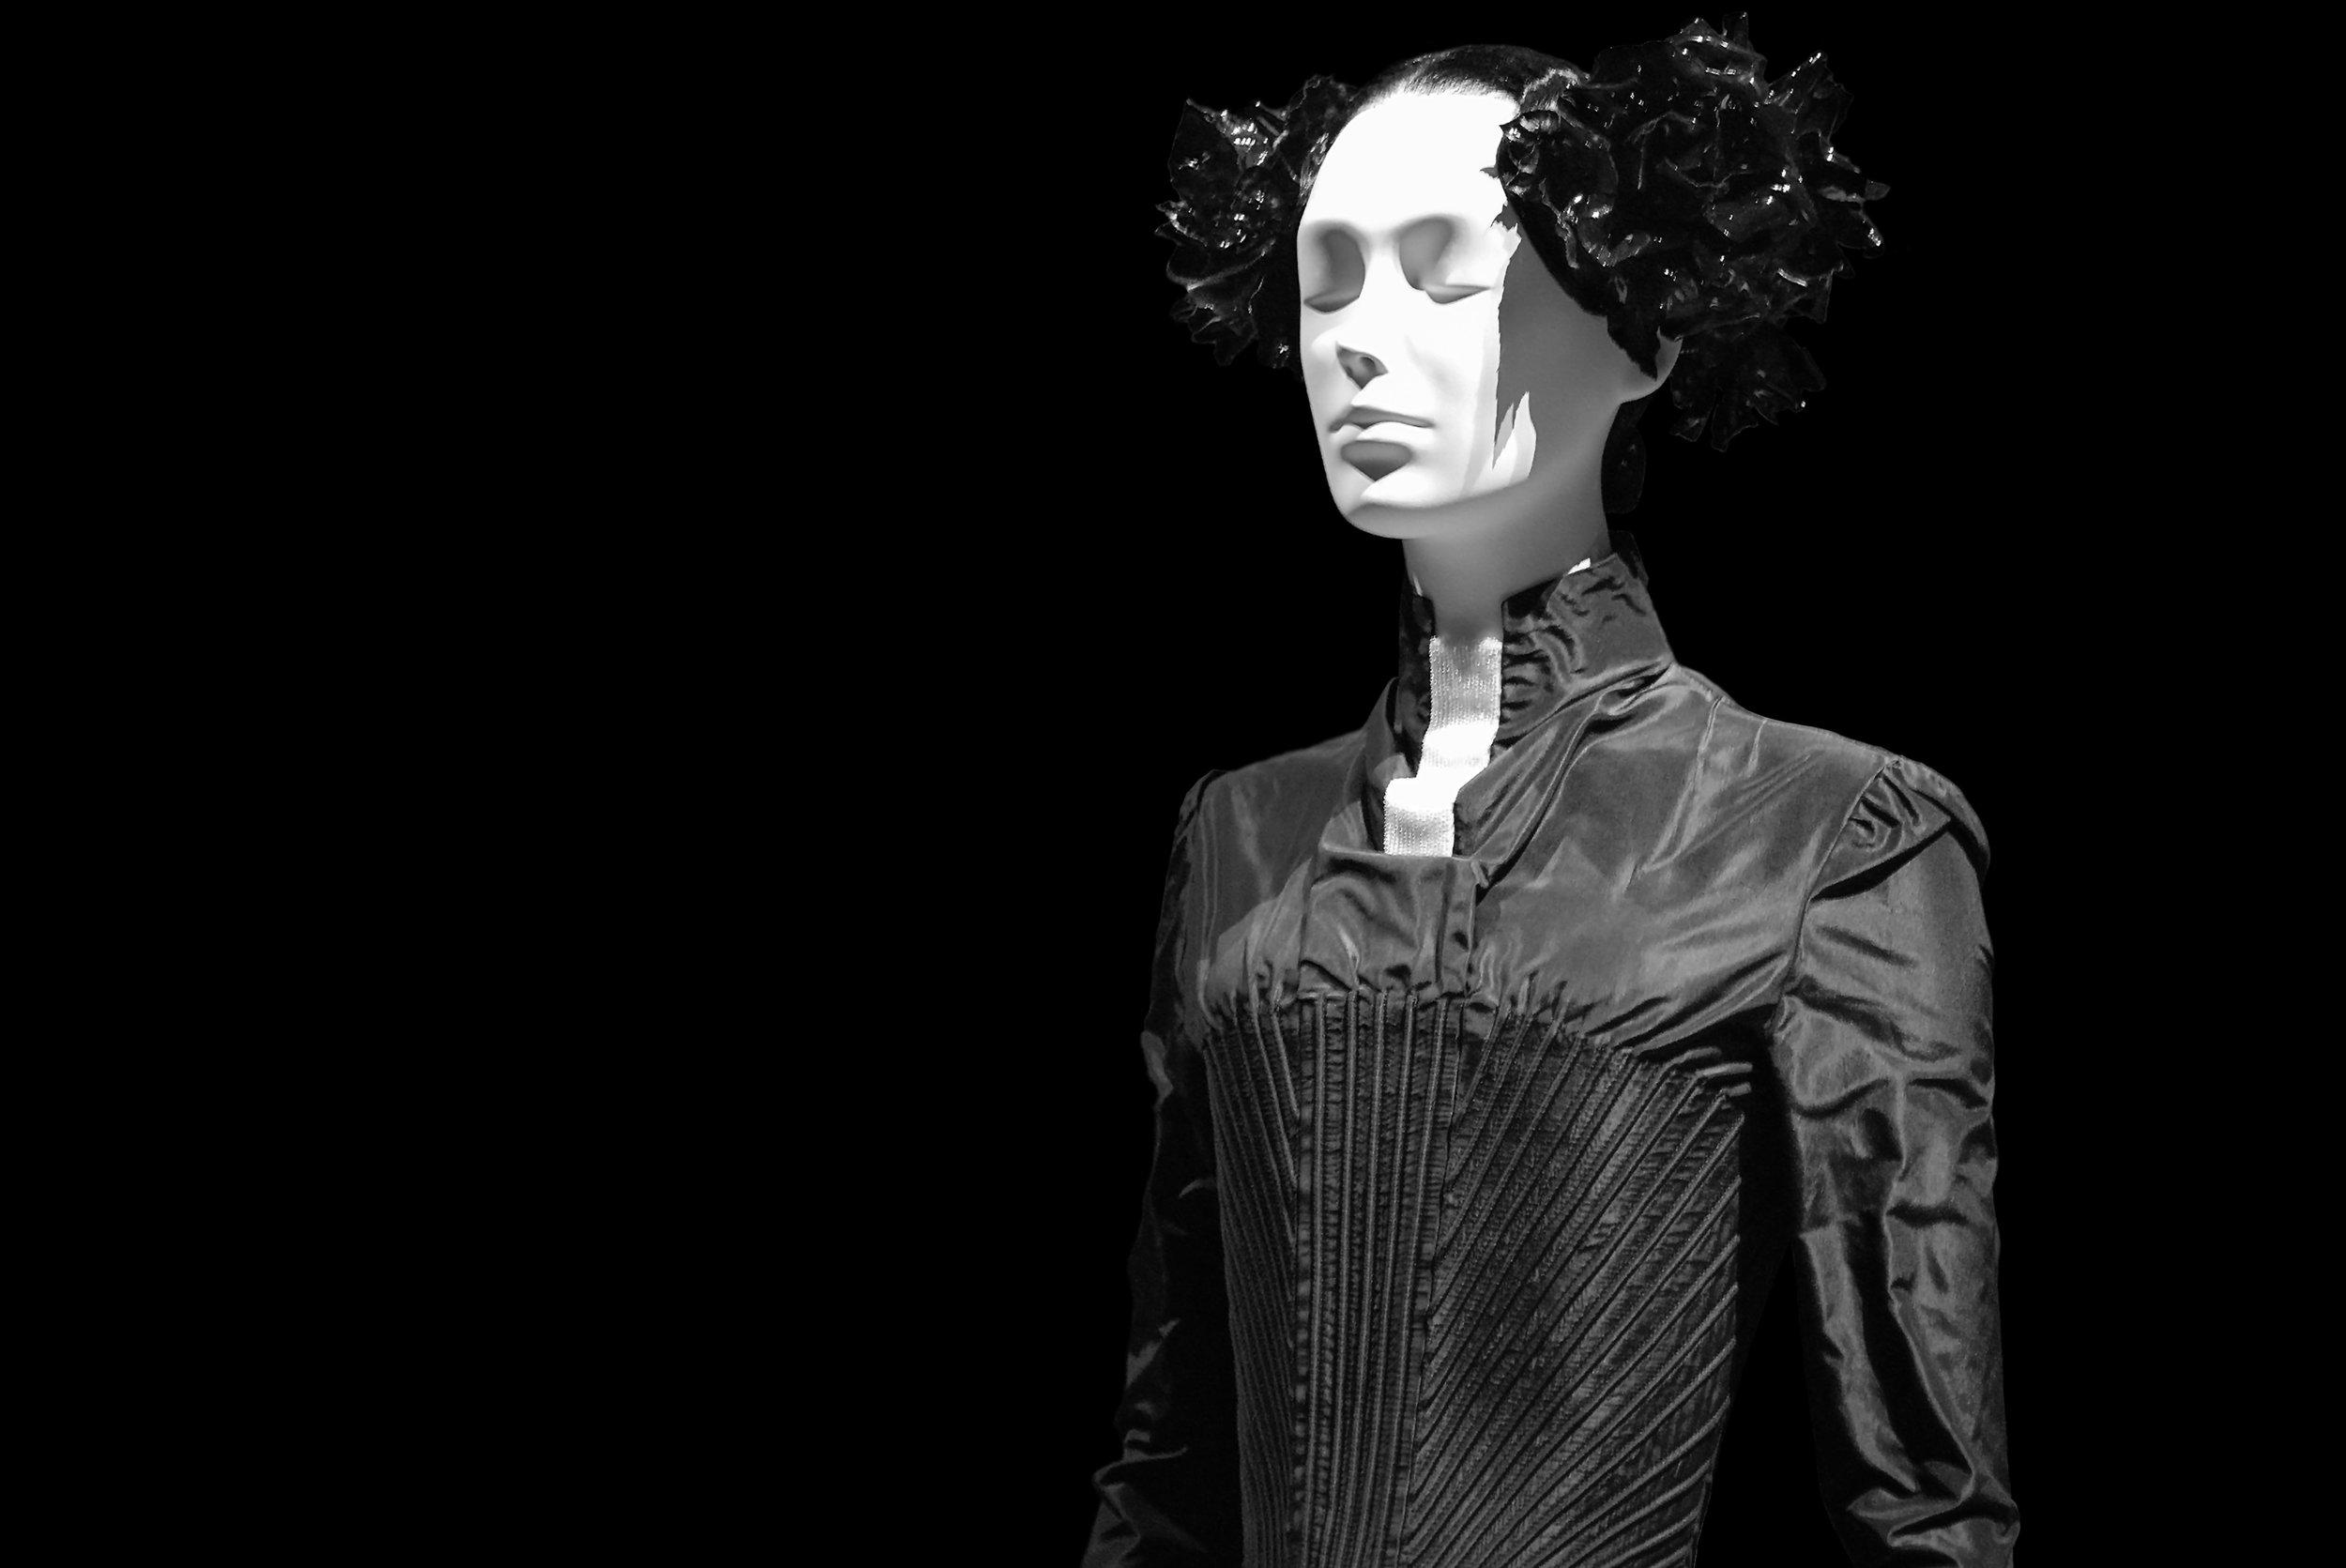 Alexander McQueen  for Givenchy, ENSEMBLE, spring/summer 1999.